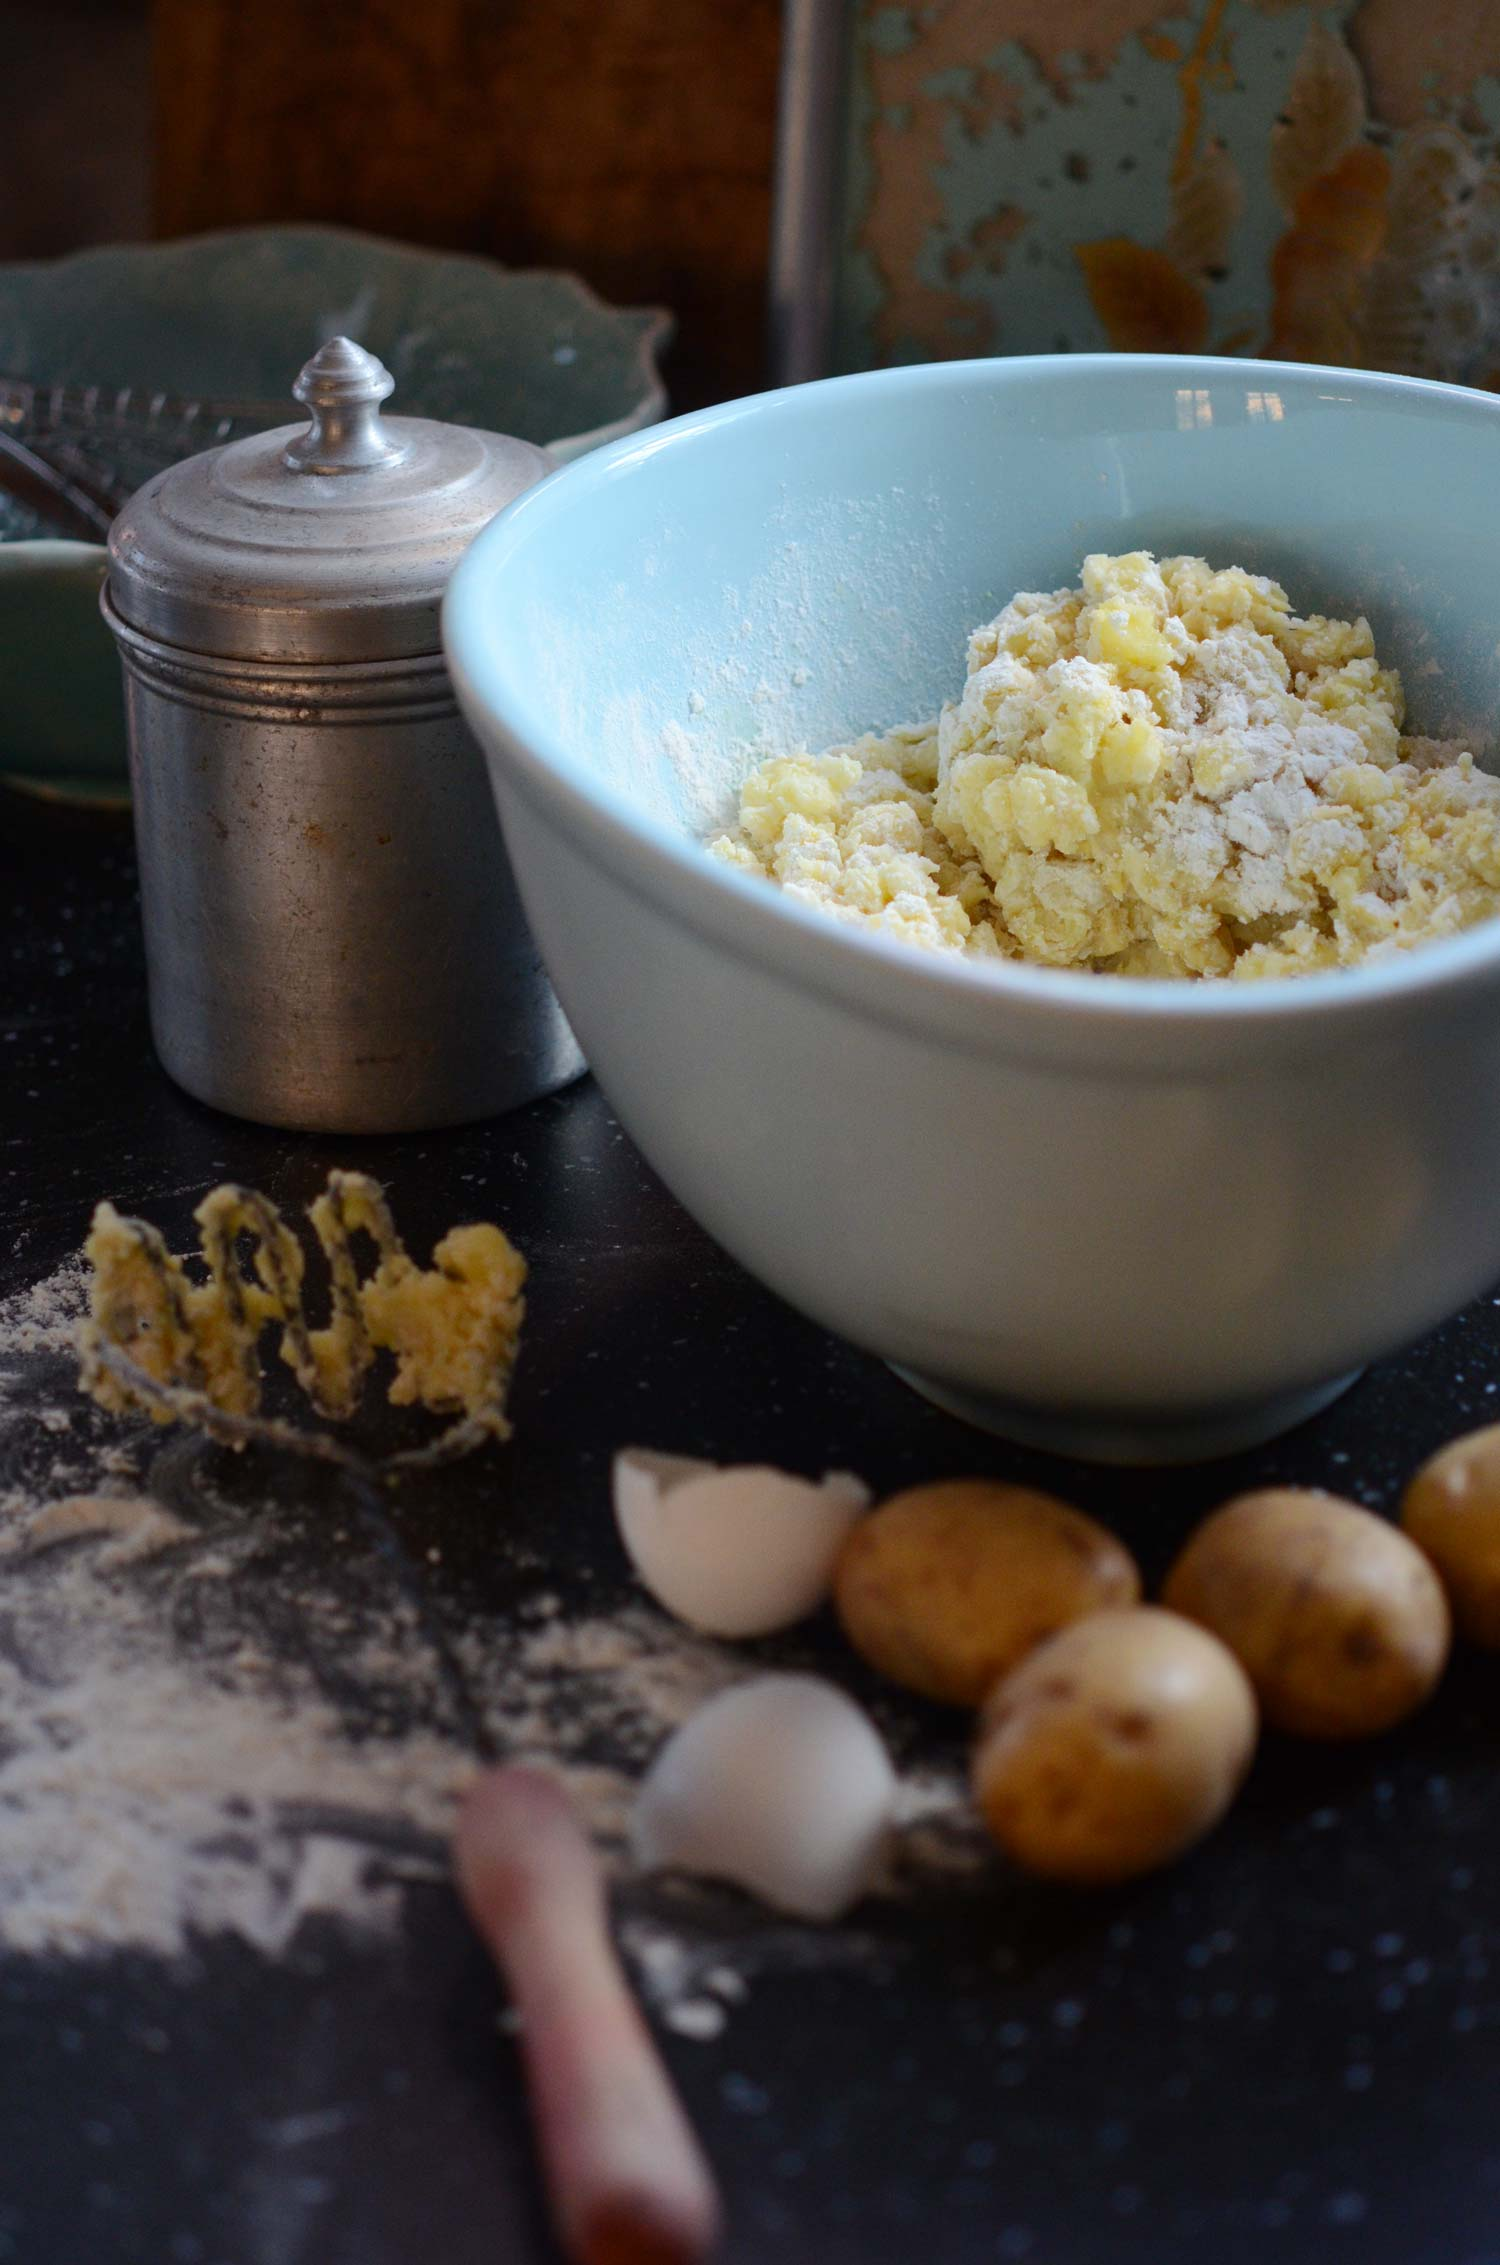 Potatis, ägg och mjöl. Av tre enkla ingrediensers blir det härlig gnocchi.